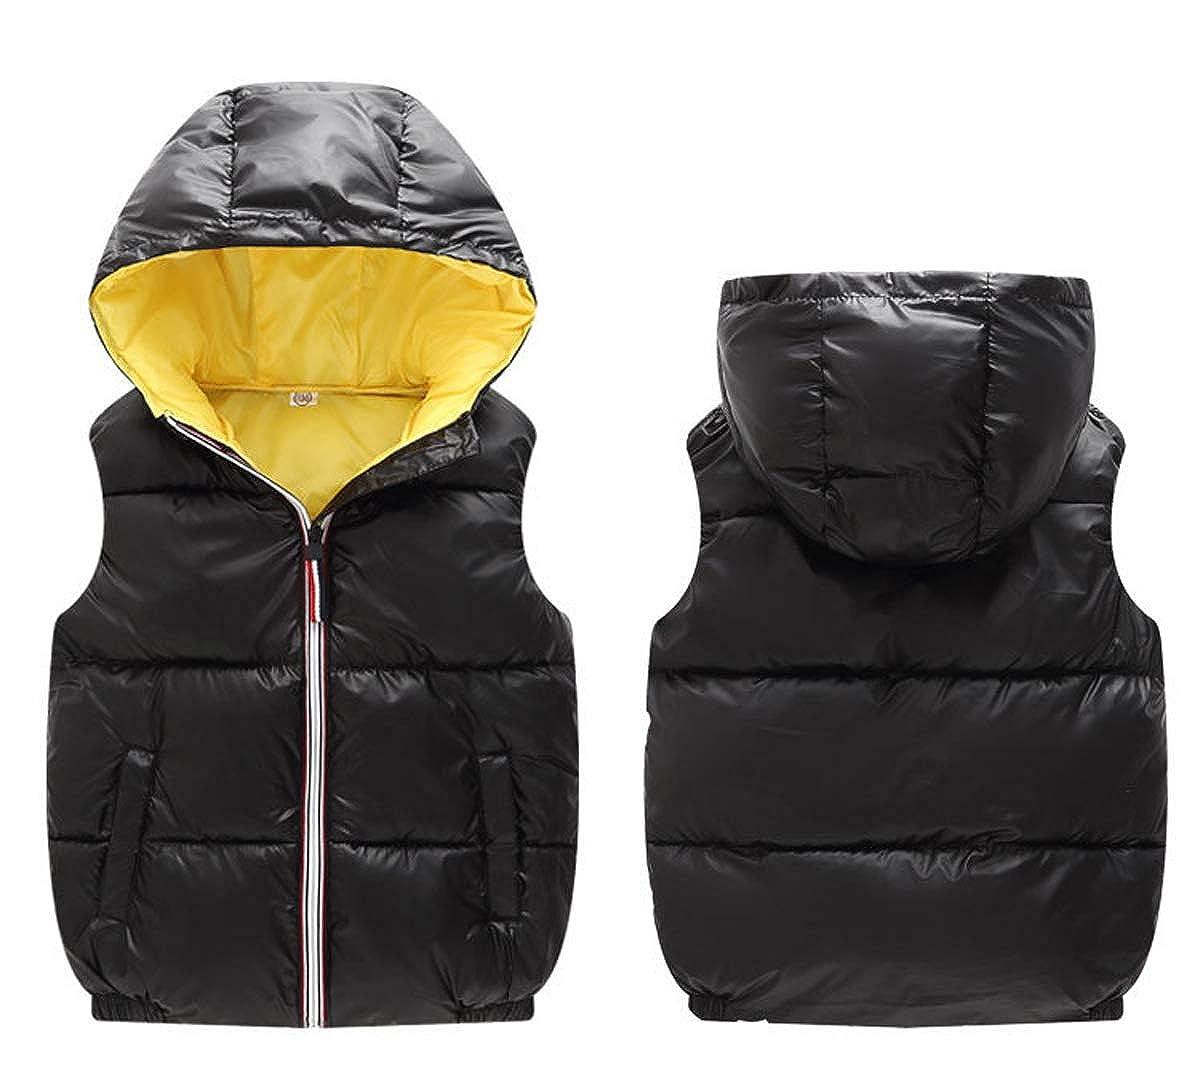 ZIYOYOR Baby Girls Warm Winter Faux Fur Coat Knit Outerwear Jacket